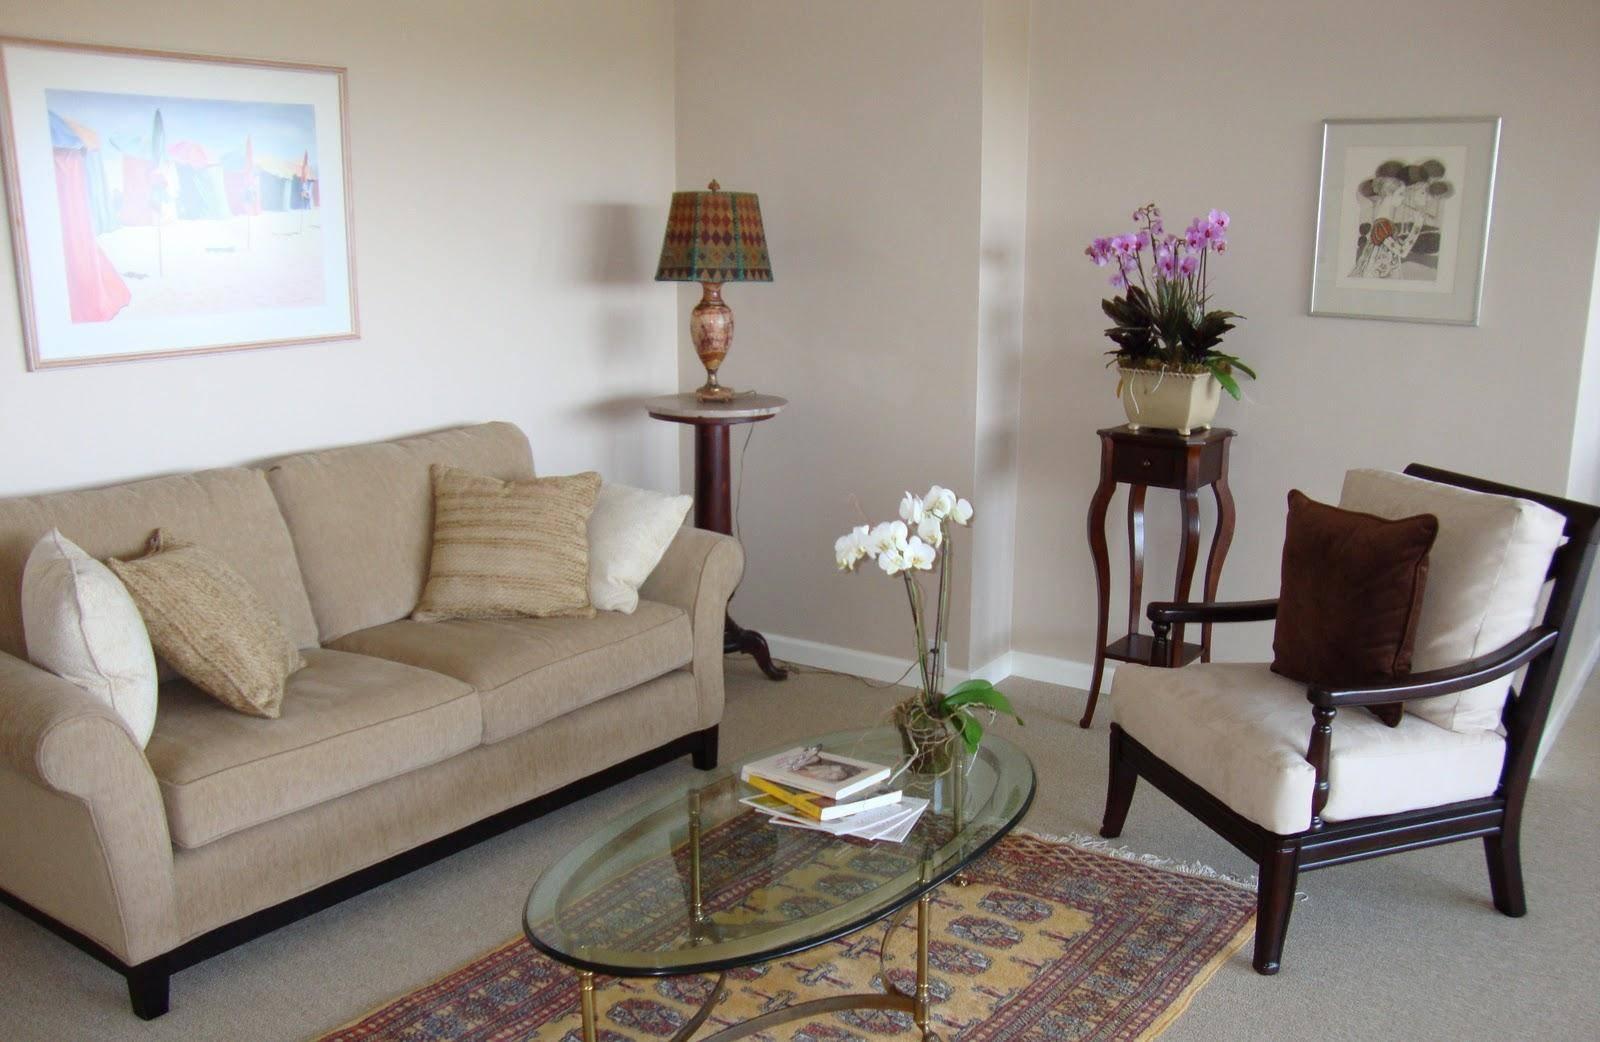 Картина по фэншуй (25 фото): картины со слонами в прихожей, гостиной и в спальне над кроватью. какую картину повесить в коридоре? картина «100 детей» для дома и квартиры